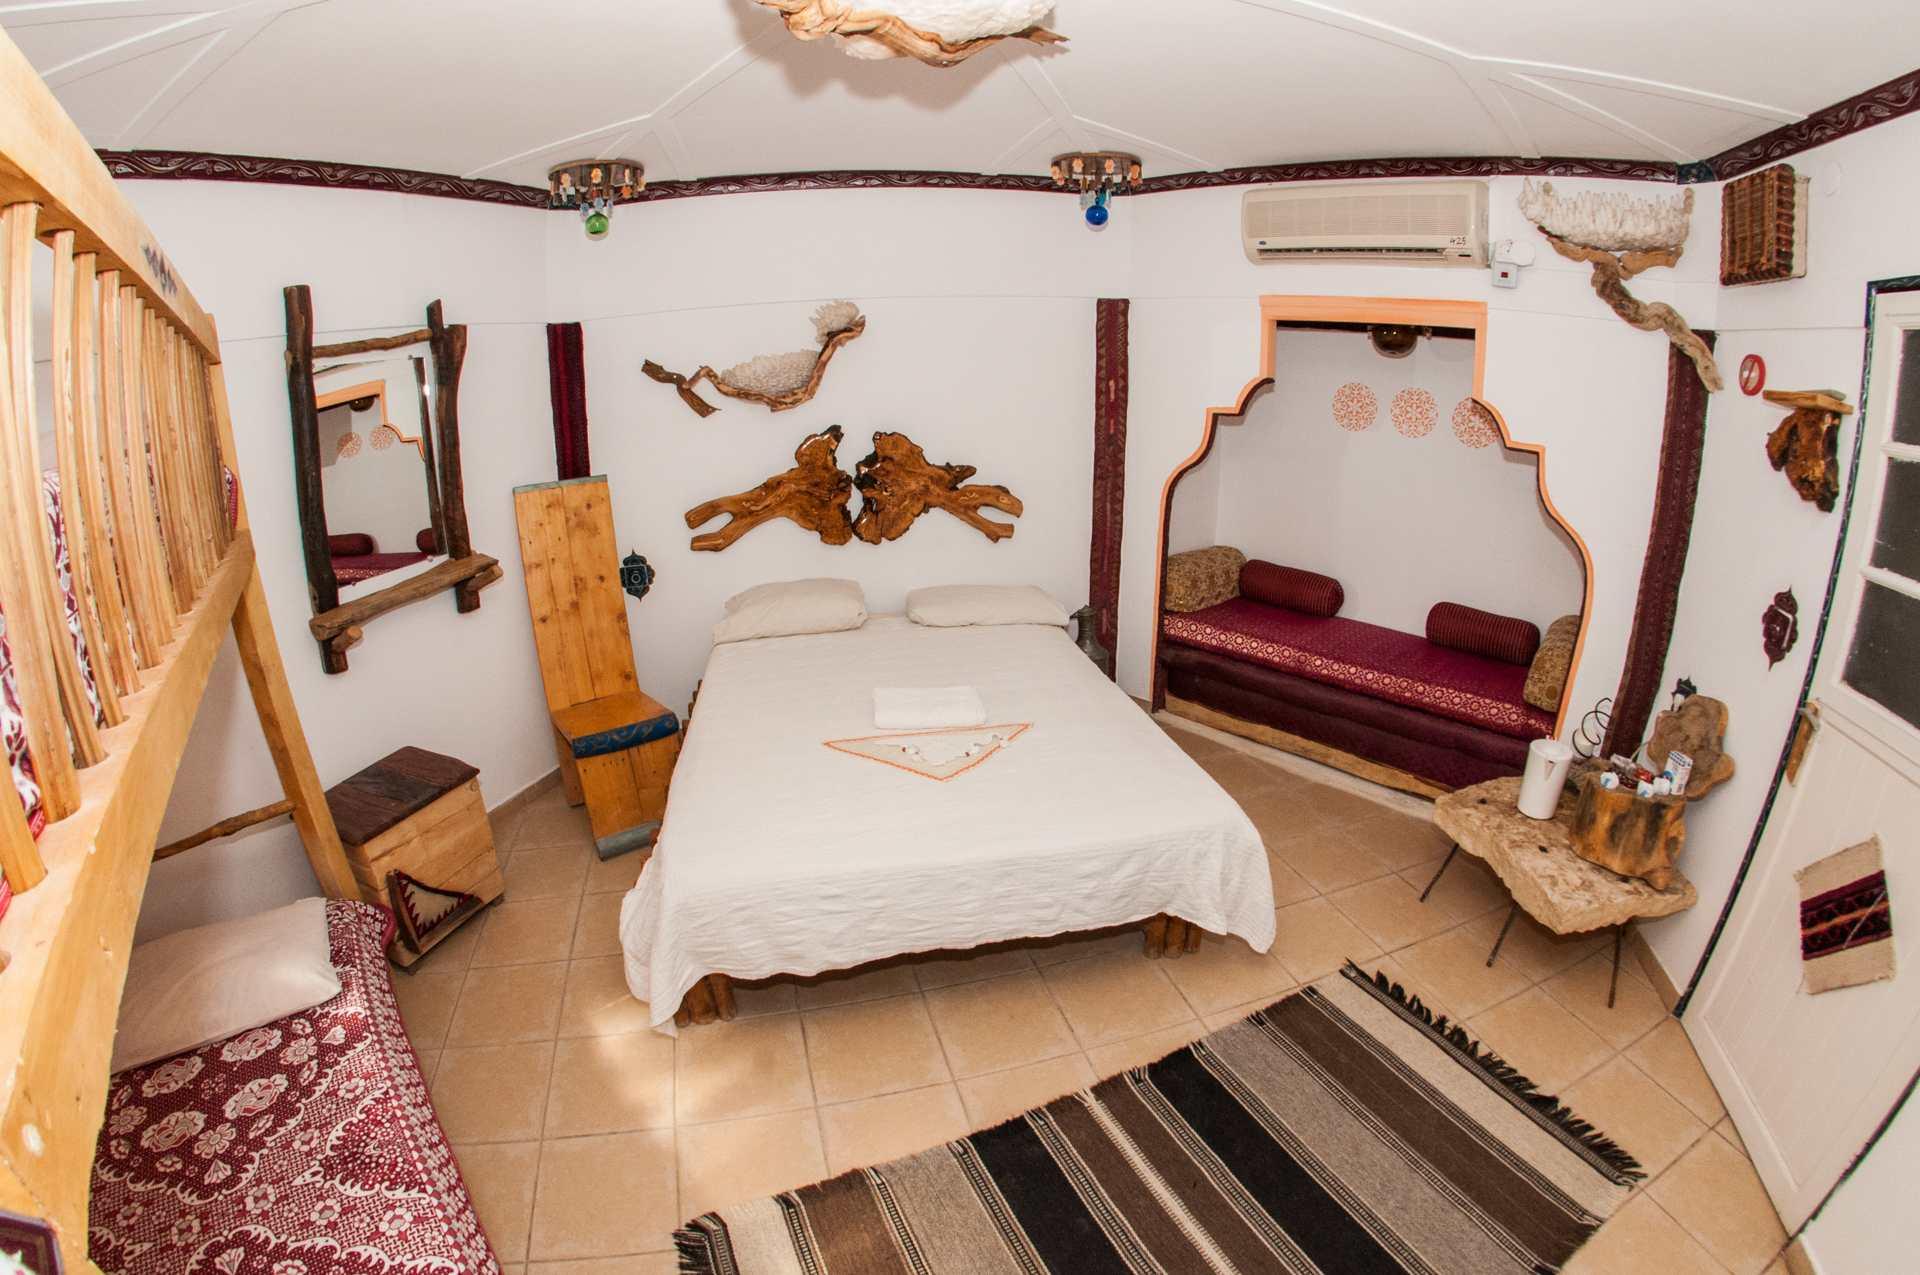 חדר אירוח בכפר הנוקדים